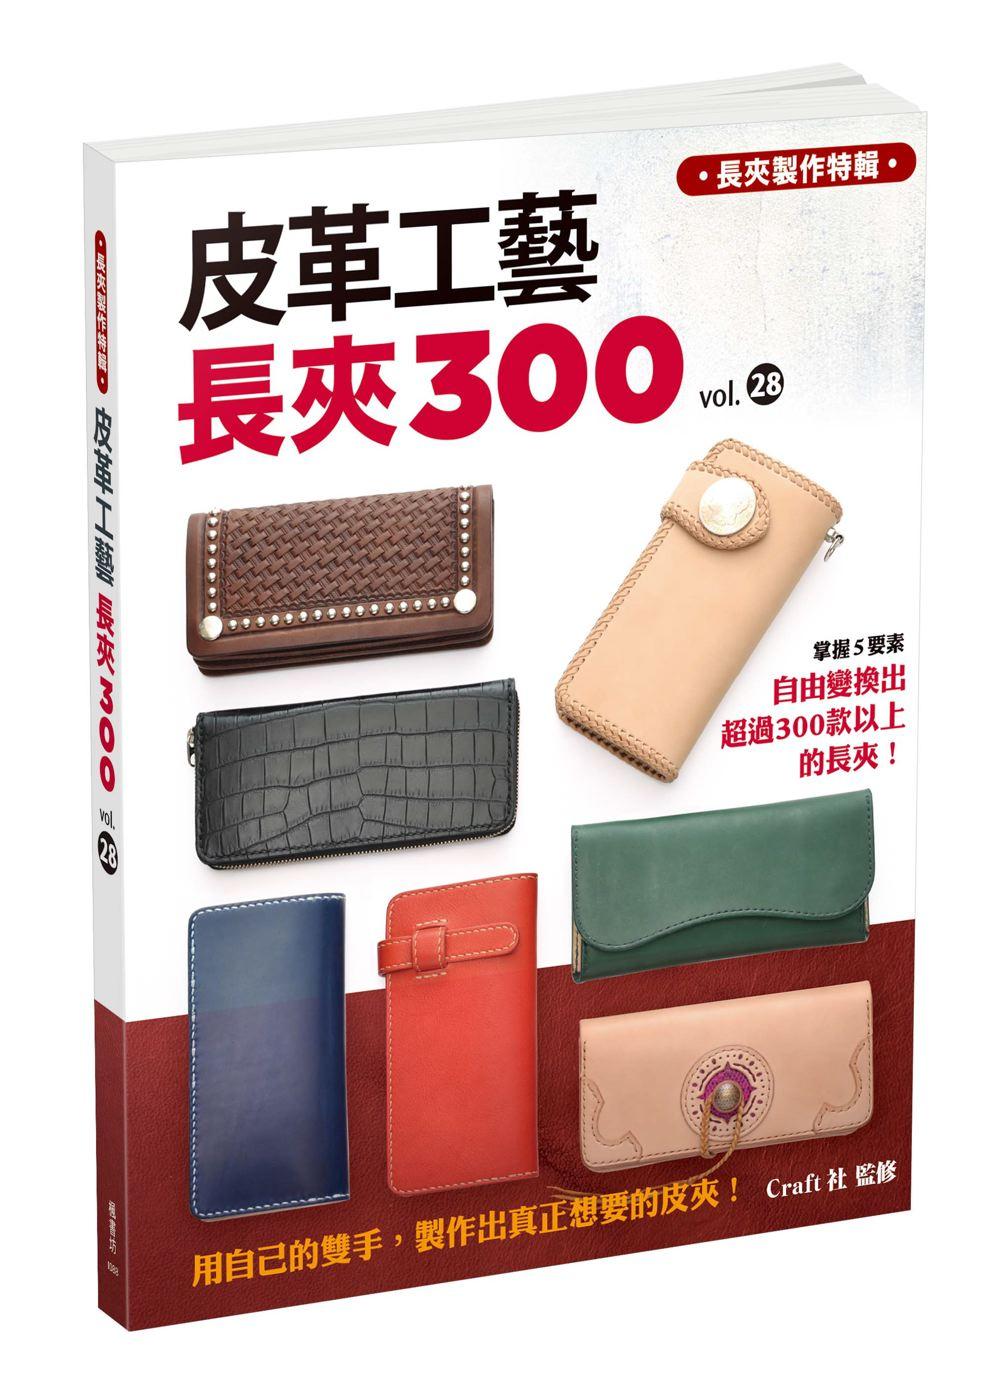 皮革工藝VOL.28:長夾300